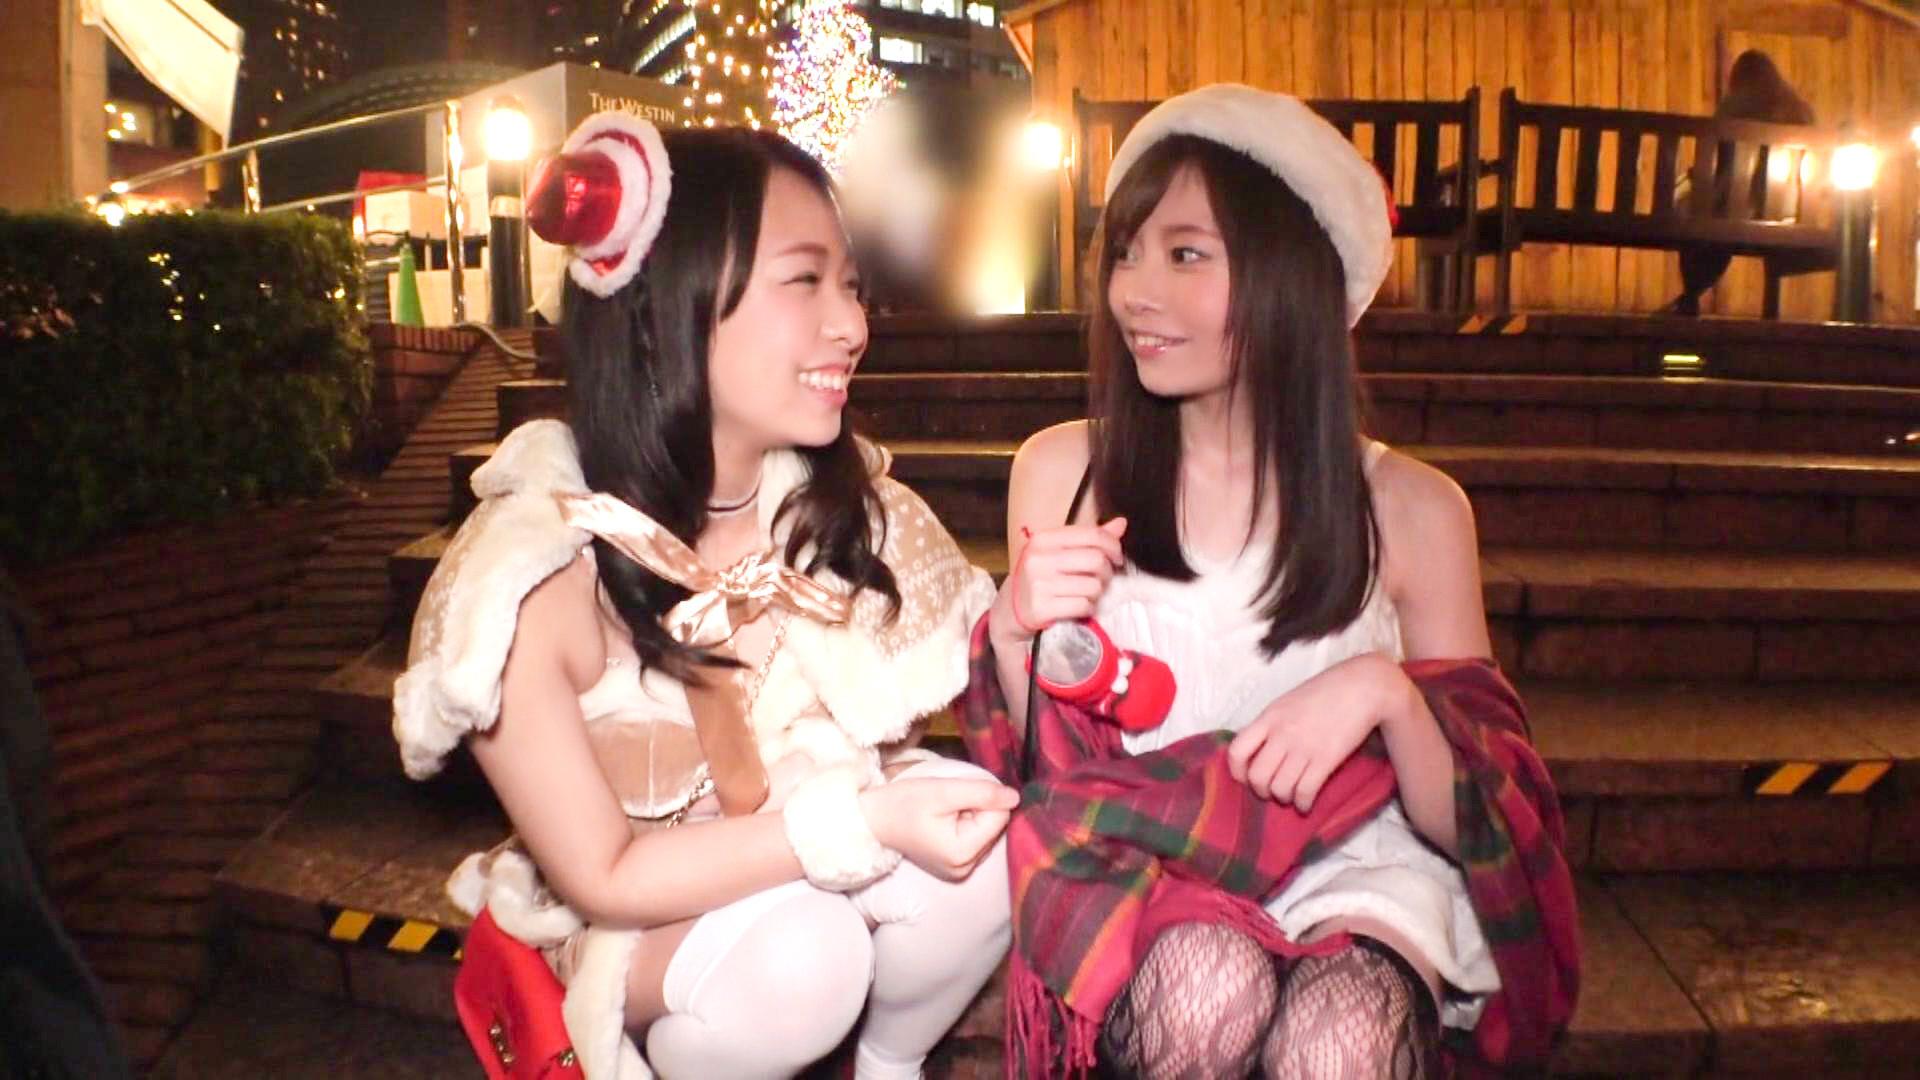 性夜の街で美少女サンタたちをナンパ即マン!精子まみれでホワイトクリスマス☆ 画像18